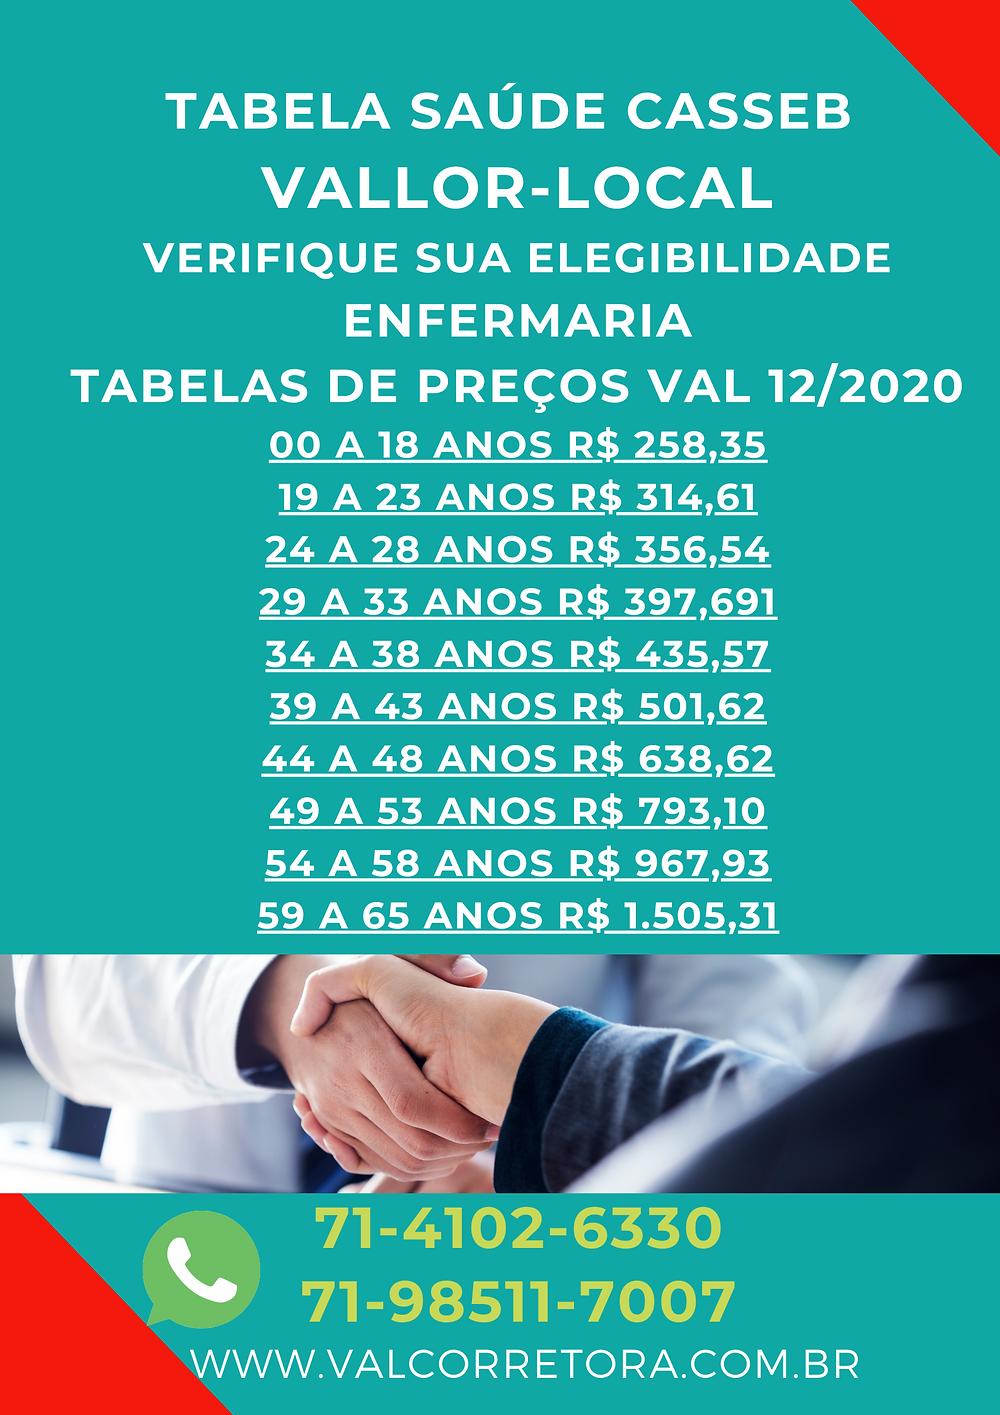 Tabelas Saude Casseb   Vallor   Adesão Salvador